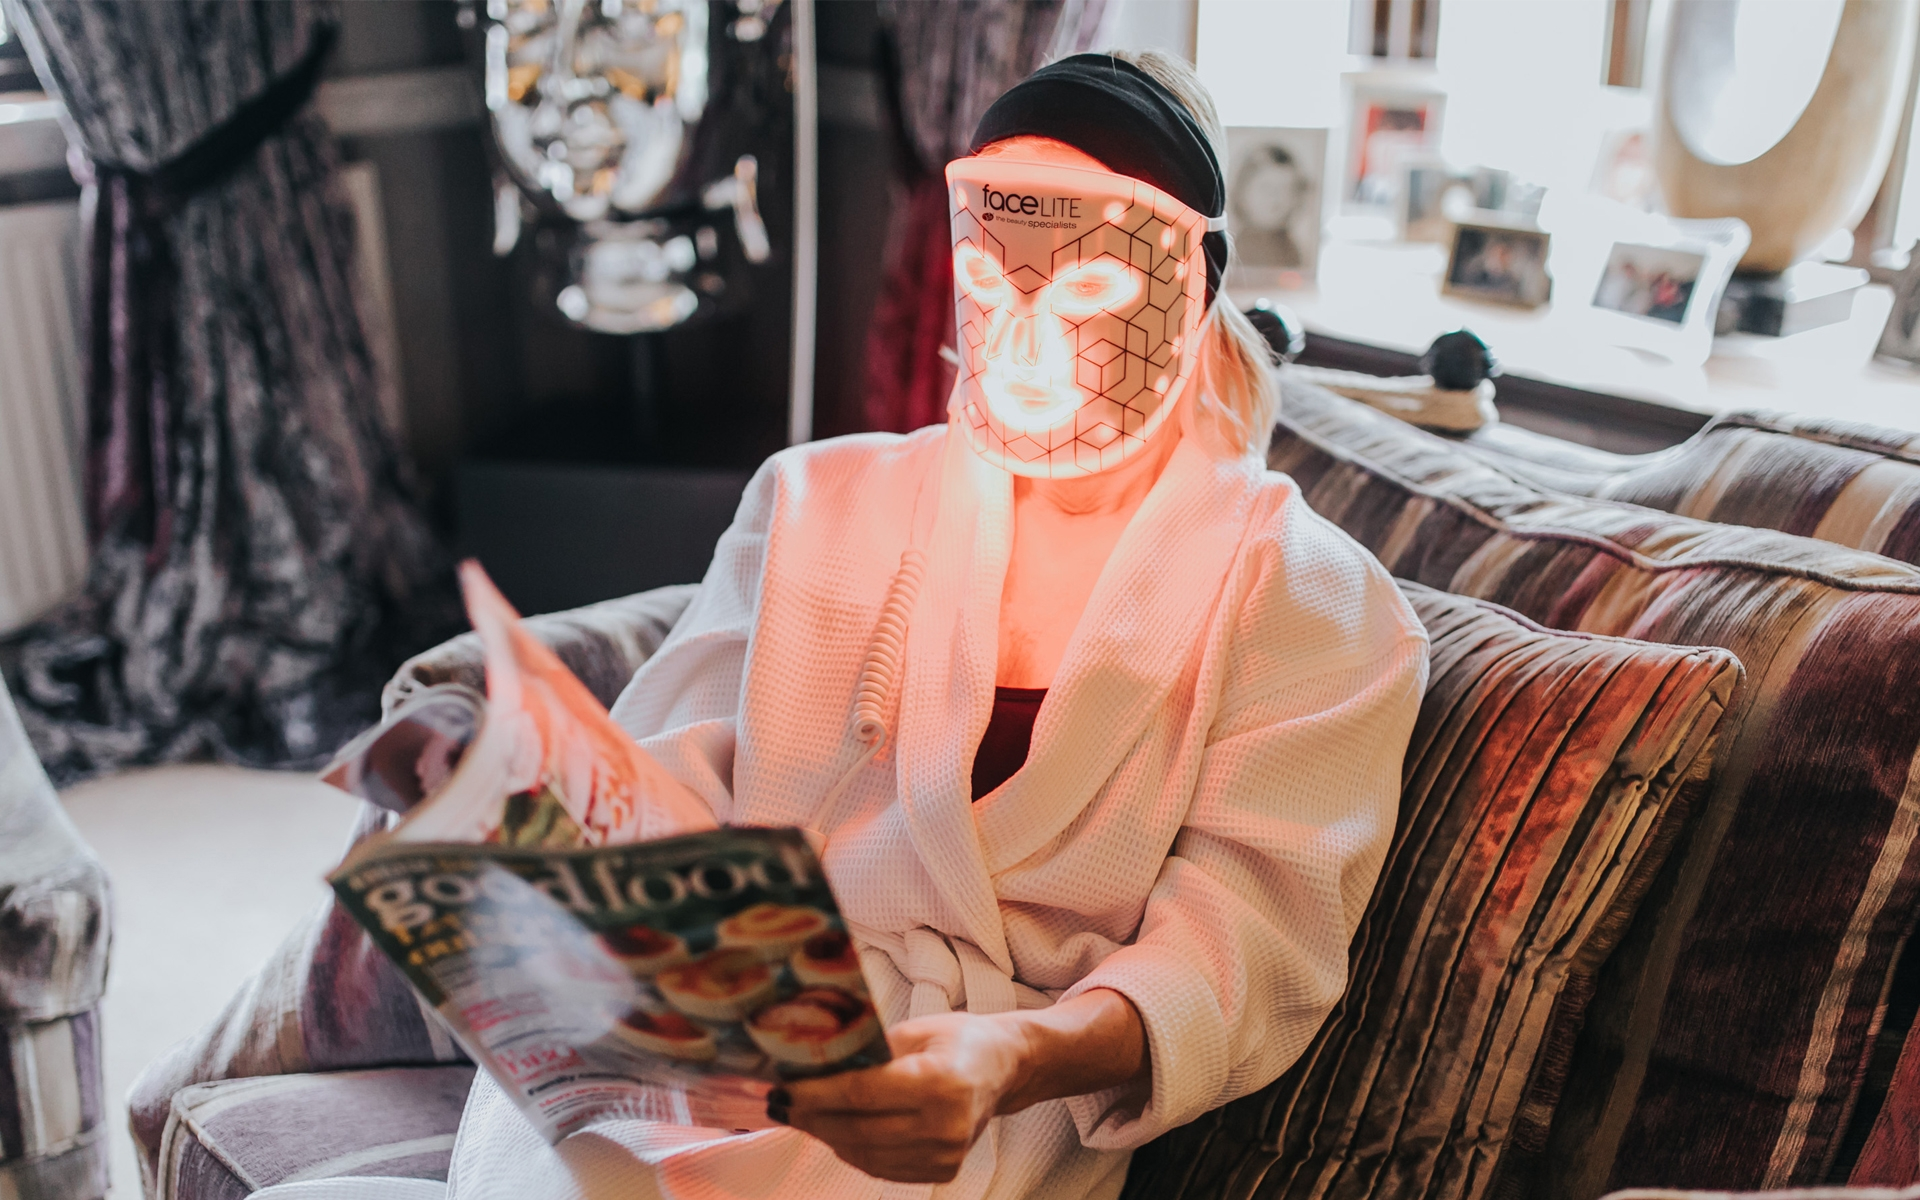 Rio-faceLITE-anti-age-LED-maska-za-lice_naslovna